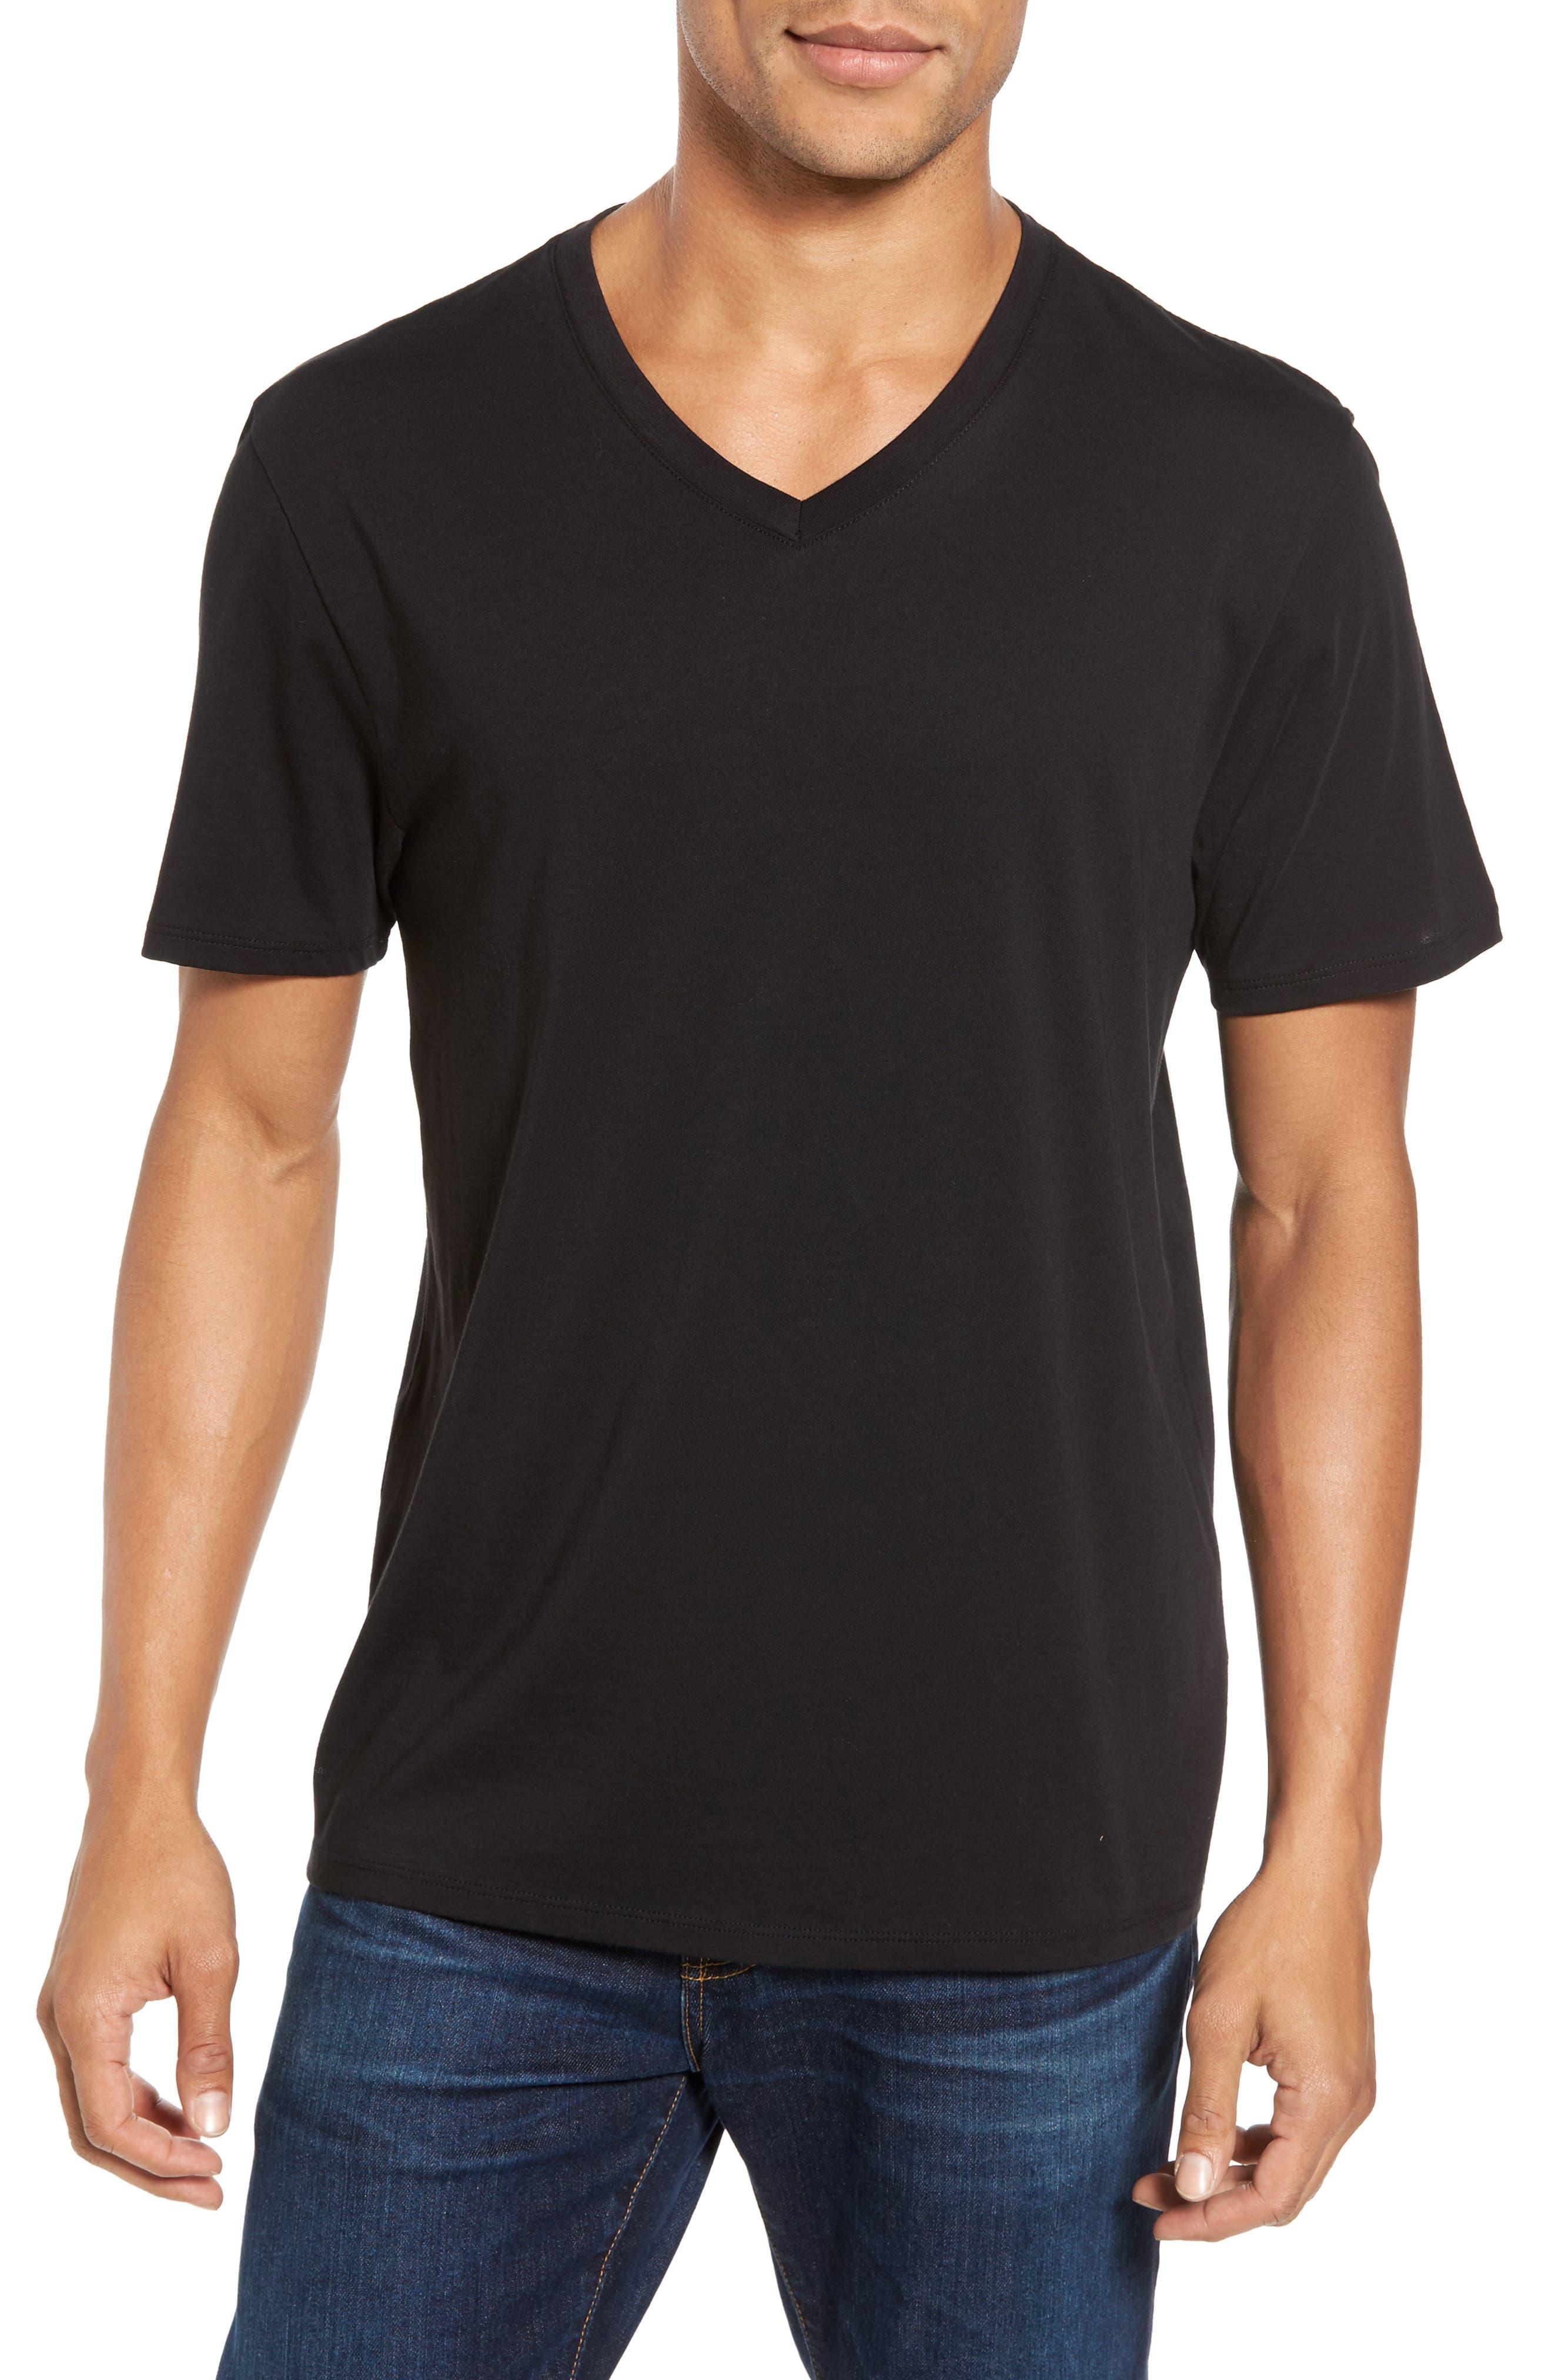 VINCE Pima Cotton V-Neck T-Shirt, Main, color, BLACK